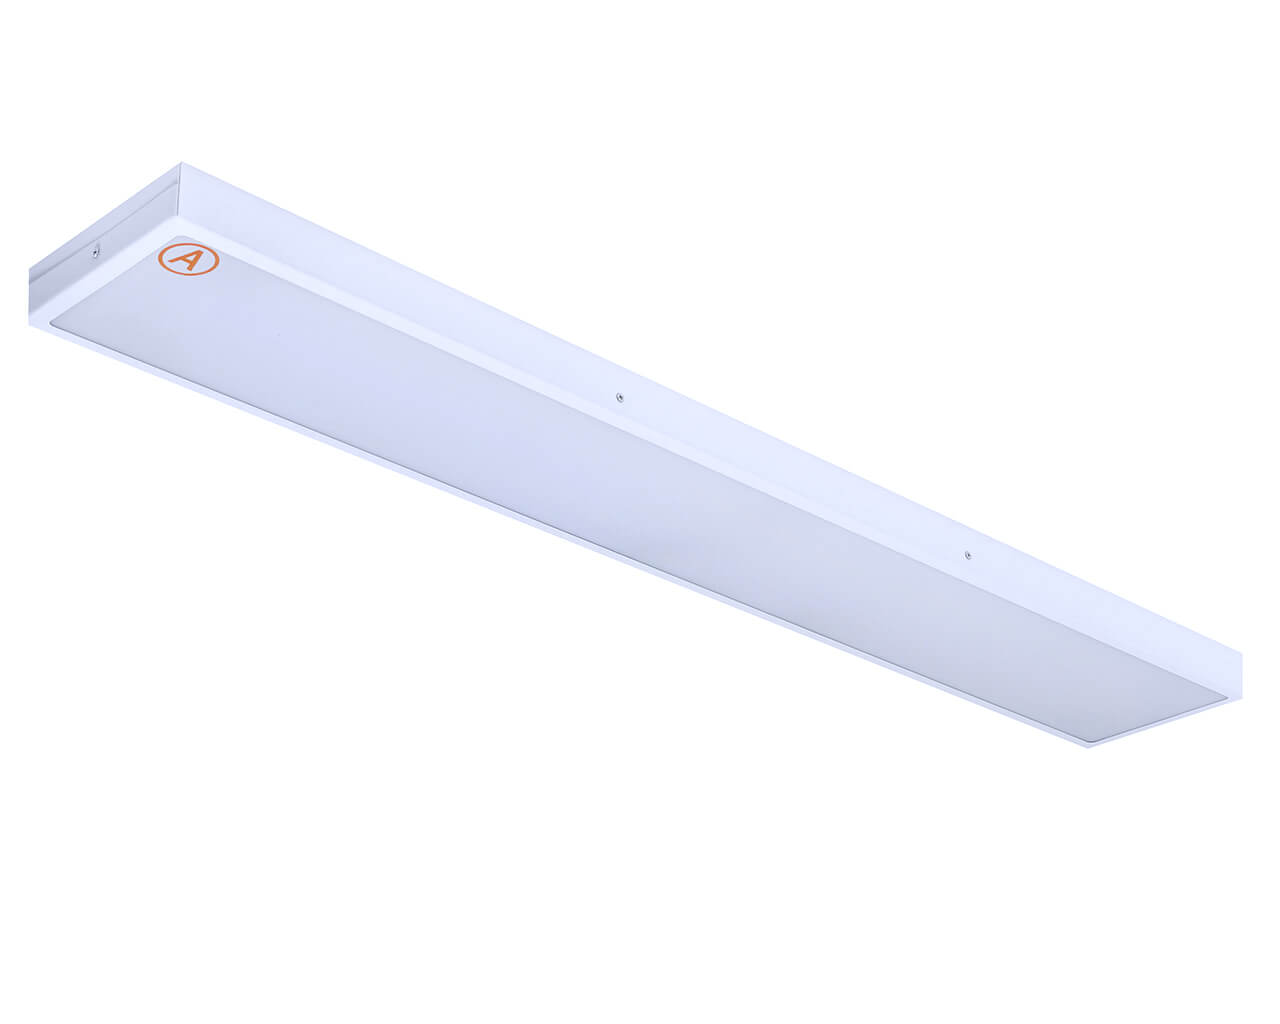 Накладной светильник LC-NS-SIP-80 1195x180 IP65 Теплый белый Призма с Бап 3 часа